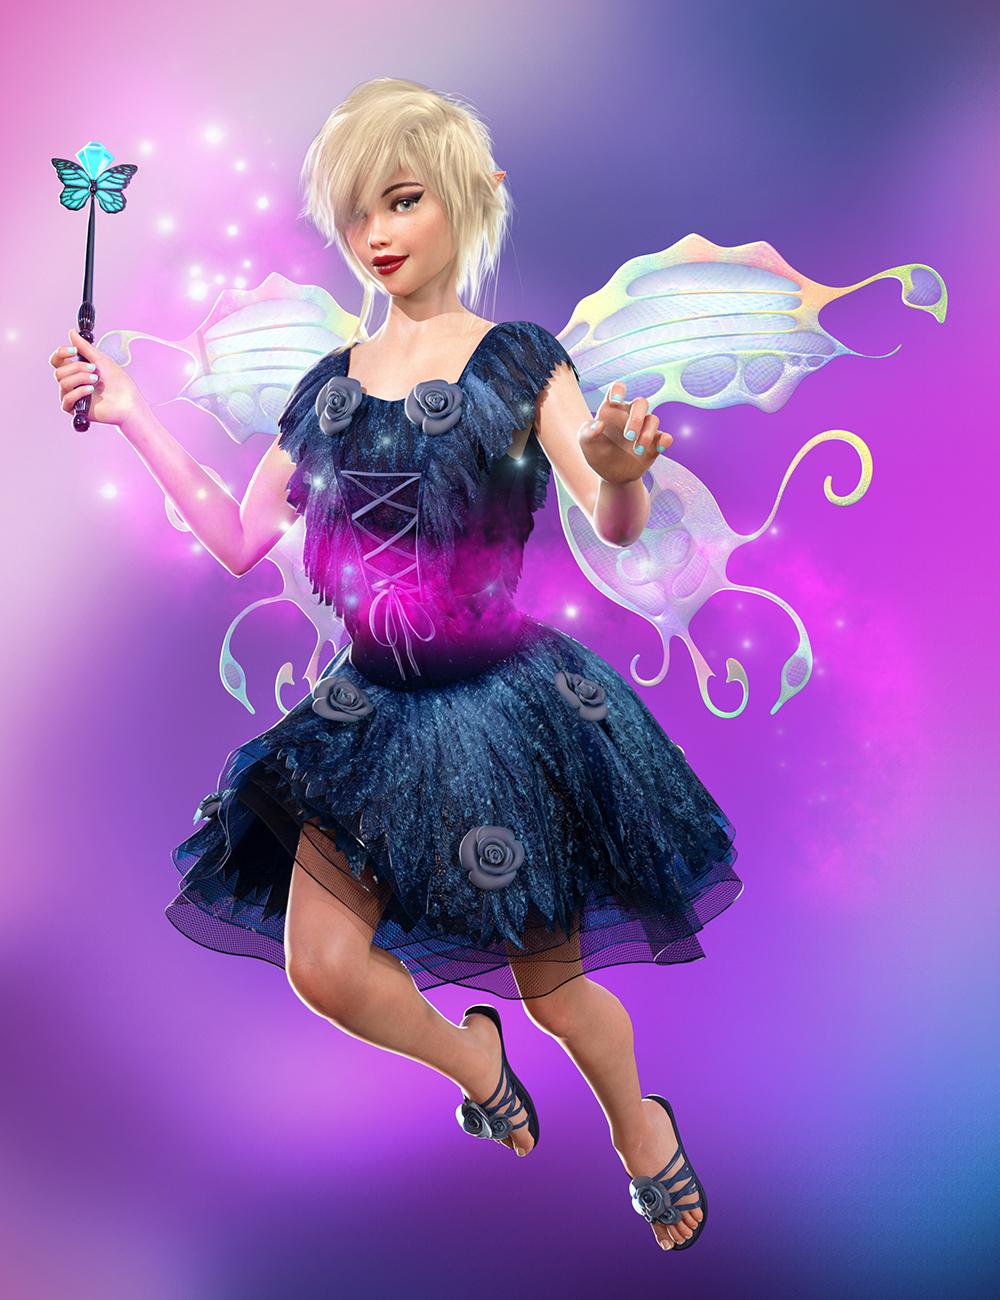 Fairy Animations for Genesis 8 by: ThreeDigital, 3D Models by Daz 3D